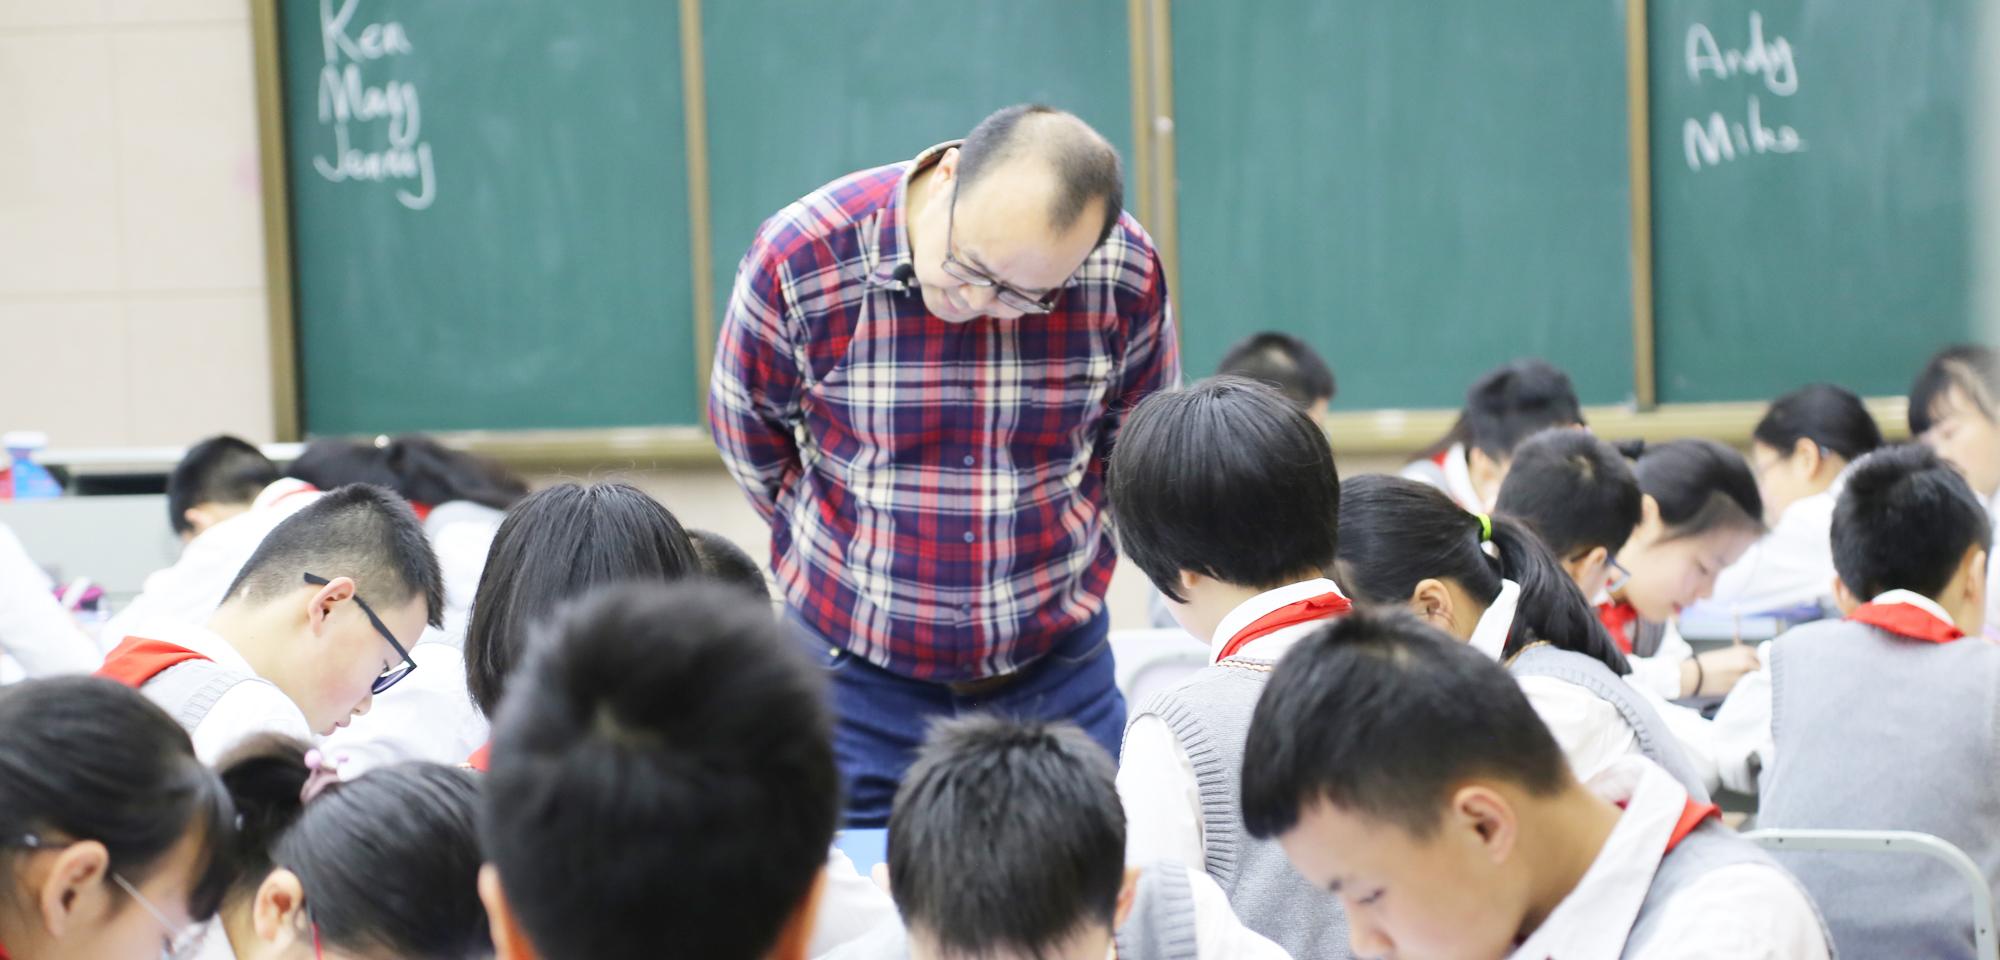 (53)联盟副理事长著名英语教学专家田湘军观摩课结束后,与会教师开怀畅谈,各抒己见,进行了精彩纷呈的现场交流活动。以个人示范课为范例,与教师们重点研讨了教学设计的解读、课堂互动研讨,进而提出了个人教学主张。教育即生活,生活中处处皆有可利用的教学资源,运用教育智慧在有限的课堂空间内挖掘出更多的教学资源,是每位专业型教师终身学习的课题。